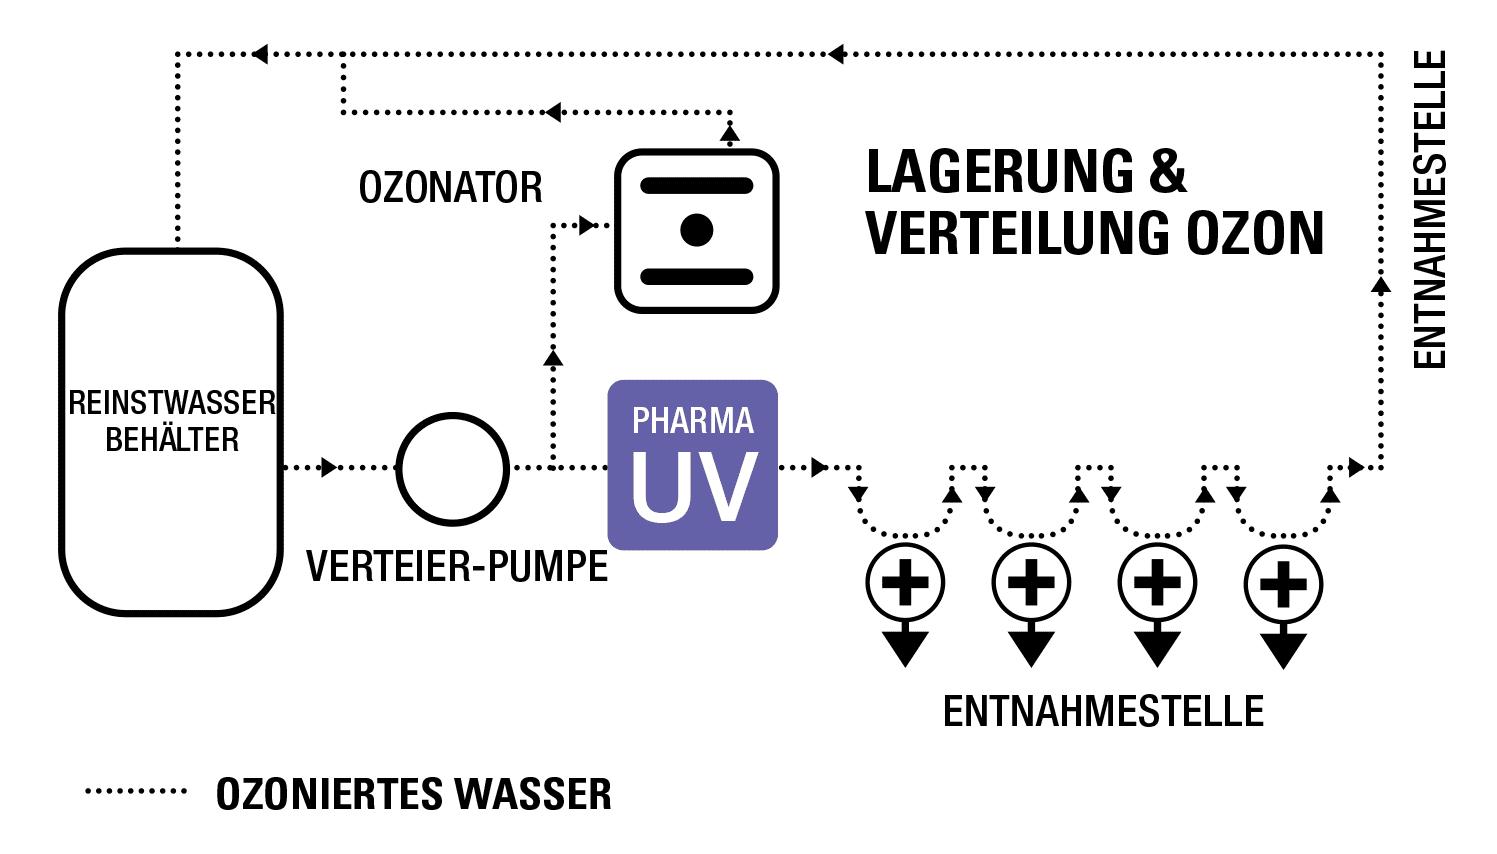 Mögliche Anordnung von UV-Systemen in einem typischen Pharmawasser-System.